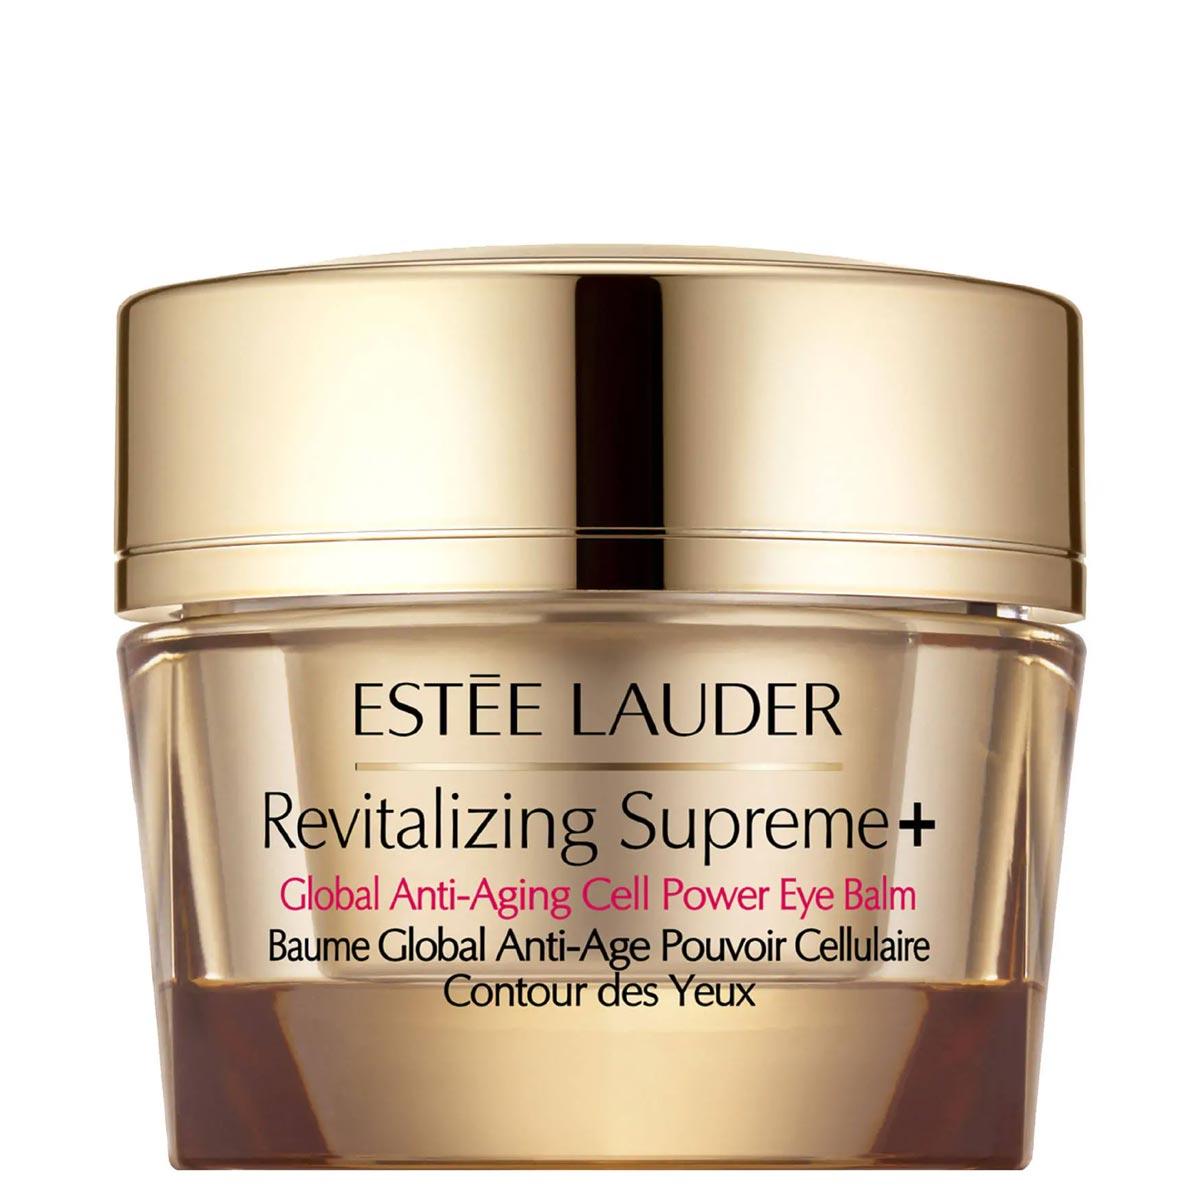 Estée Lauder - Revitalizing Supreme + - Baume Global Anti-Âge Contour des Yeux 15 ml